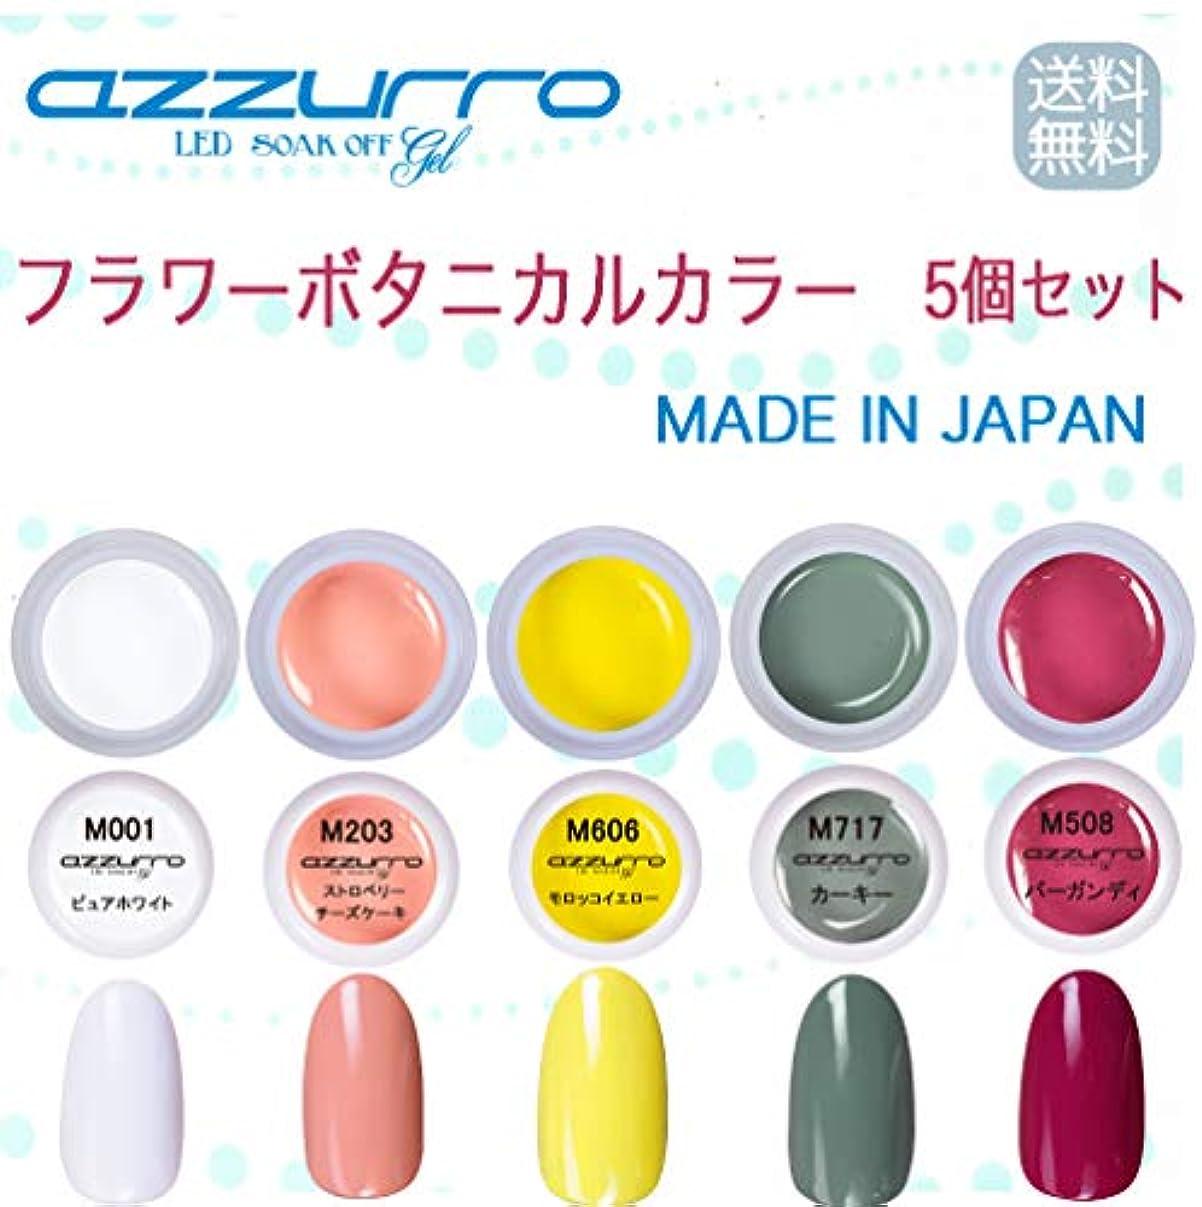 広がりコアボイラー【送料無料】日本製 azzurro gel フラワーボタニカルカラージェル5個セット 春にピッタリでかわいいフラワーアートにピッタリなカラー